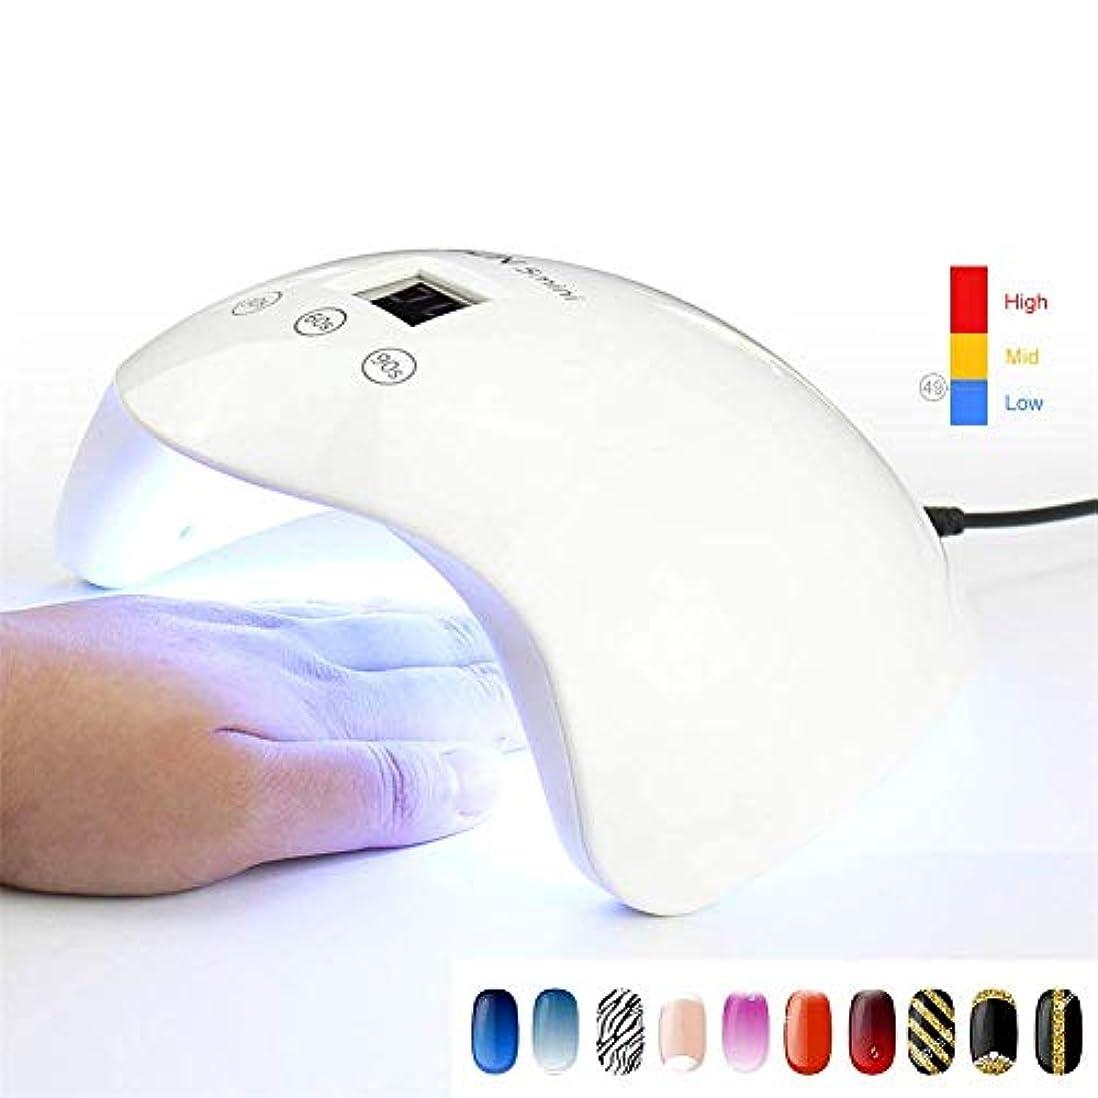 影響を受けやすいです目の前の実行可能24ワットミニ紫外線ledランプネイルドライヤー機マニキュア硬化すべてゲルポリッシュランプ紫外線療法ランプlcdディスプレイ